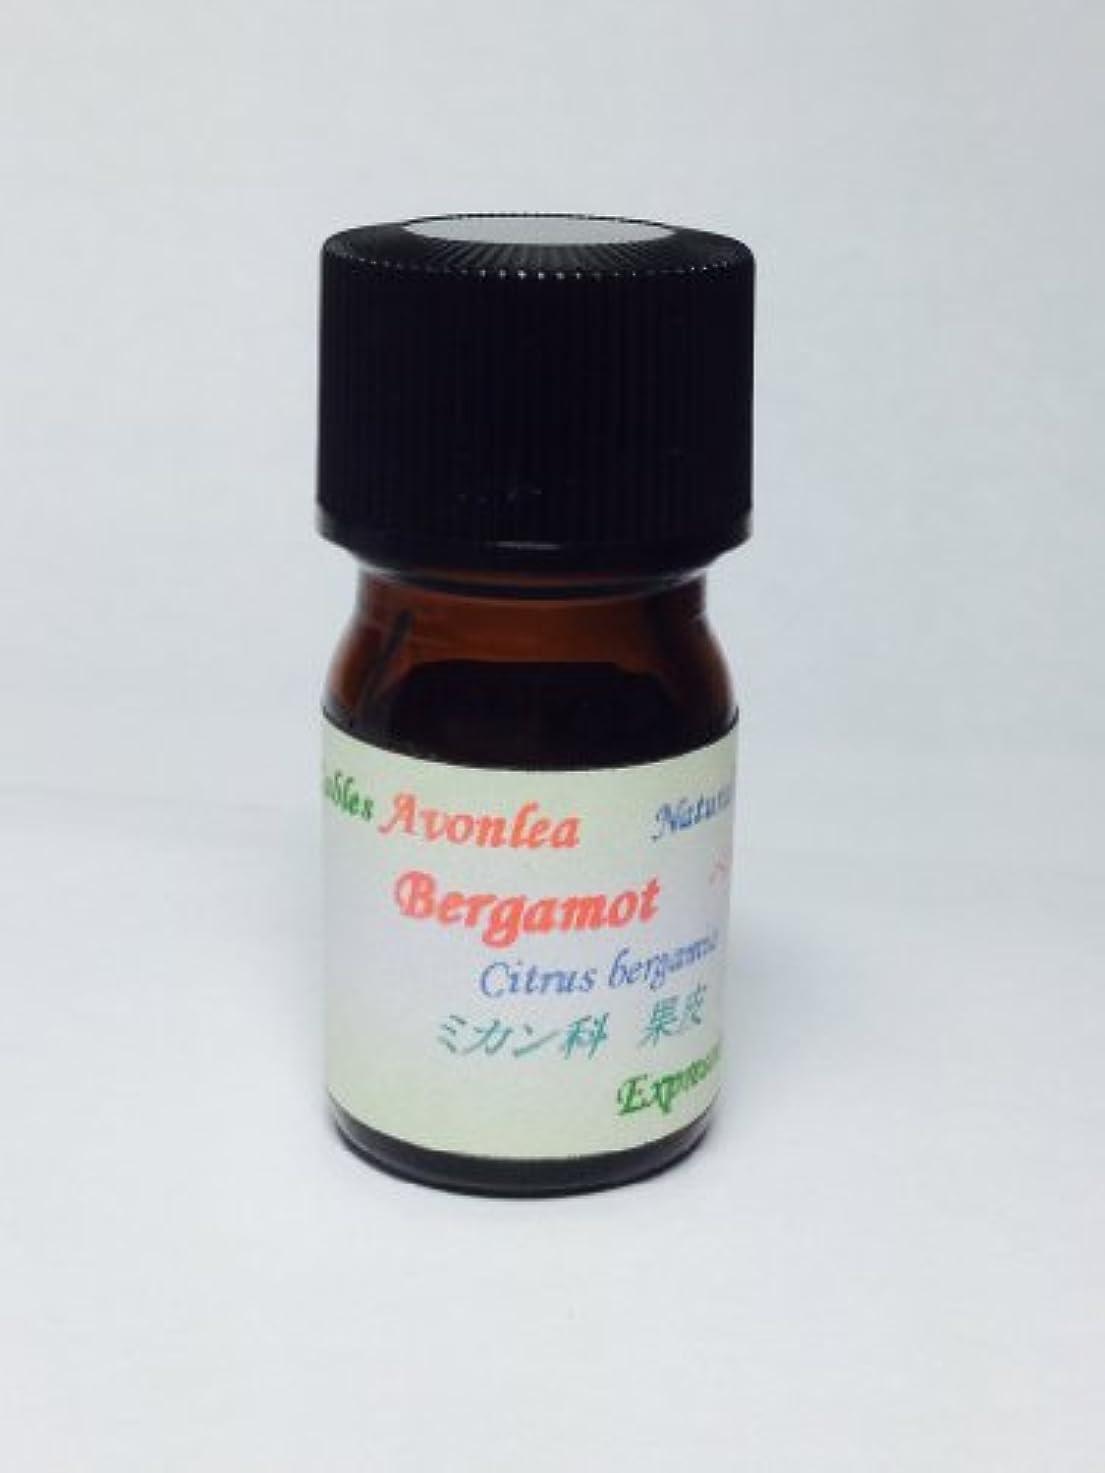 貢献する消化器科学ベルガモット 100% ピュア エッセンシャルオイル 柑橘 精油 5ml